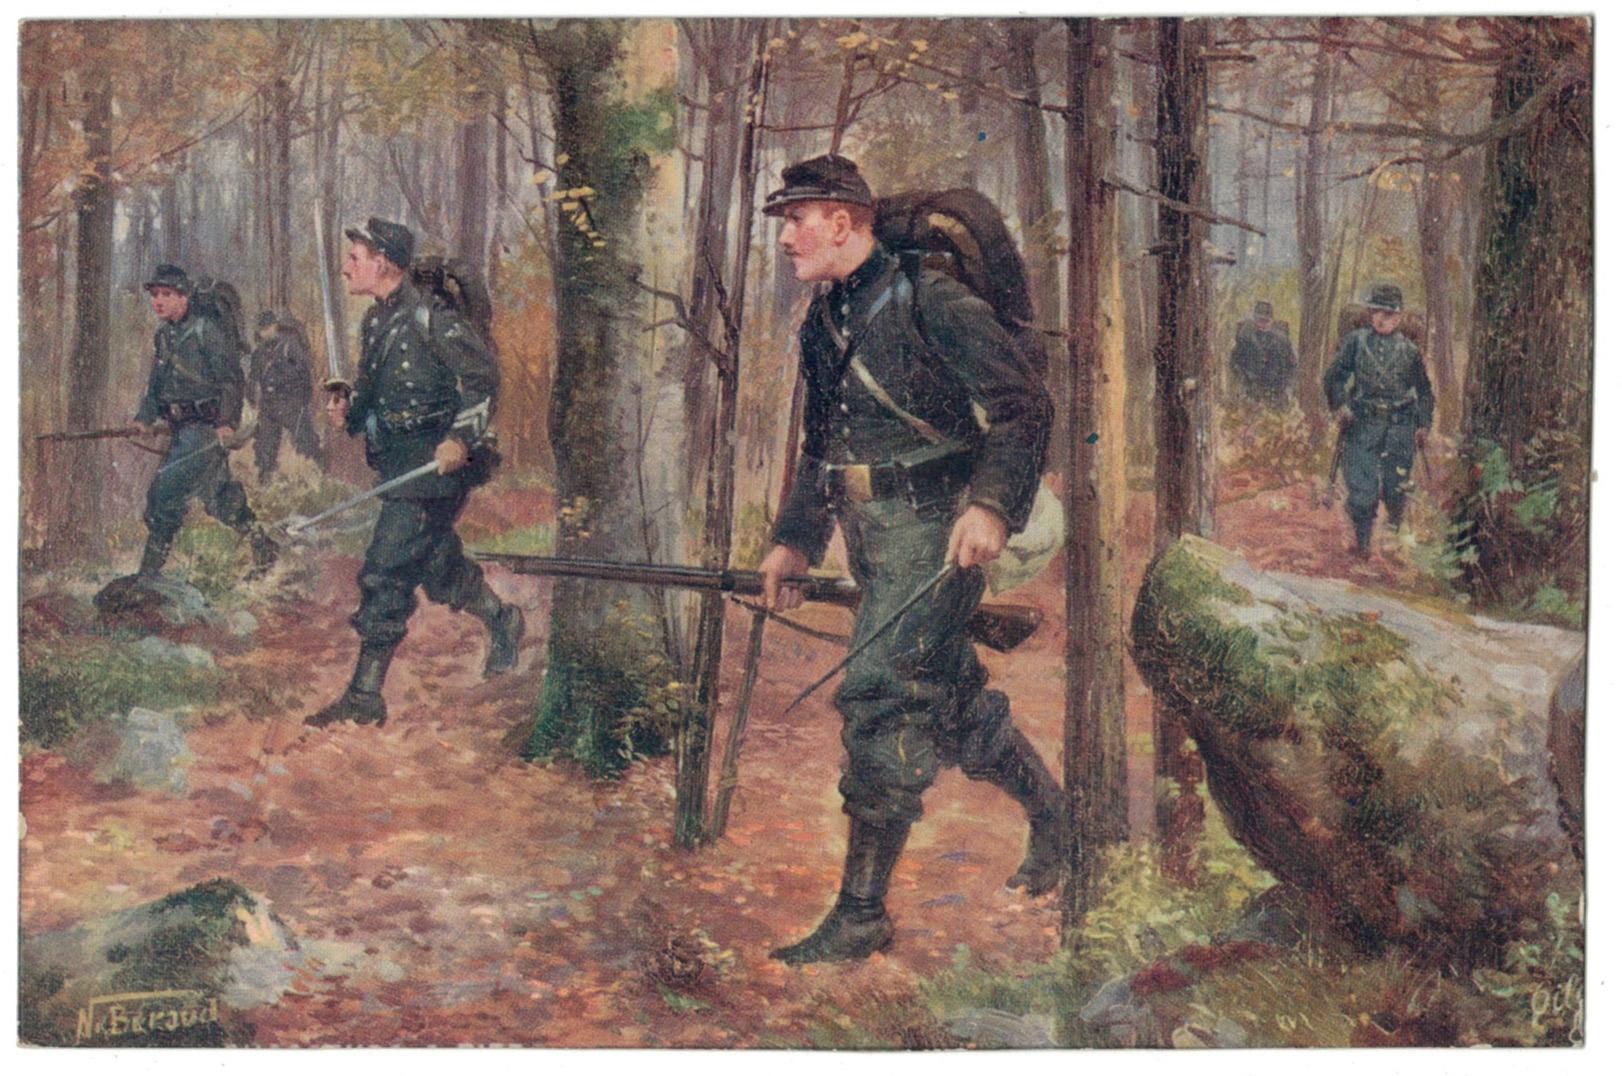 1 Carte Postale - Armée Française en campagne - 14/18 - Uniforme - Bivouac - Chasseurs à Pied - Editions Tuck